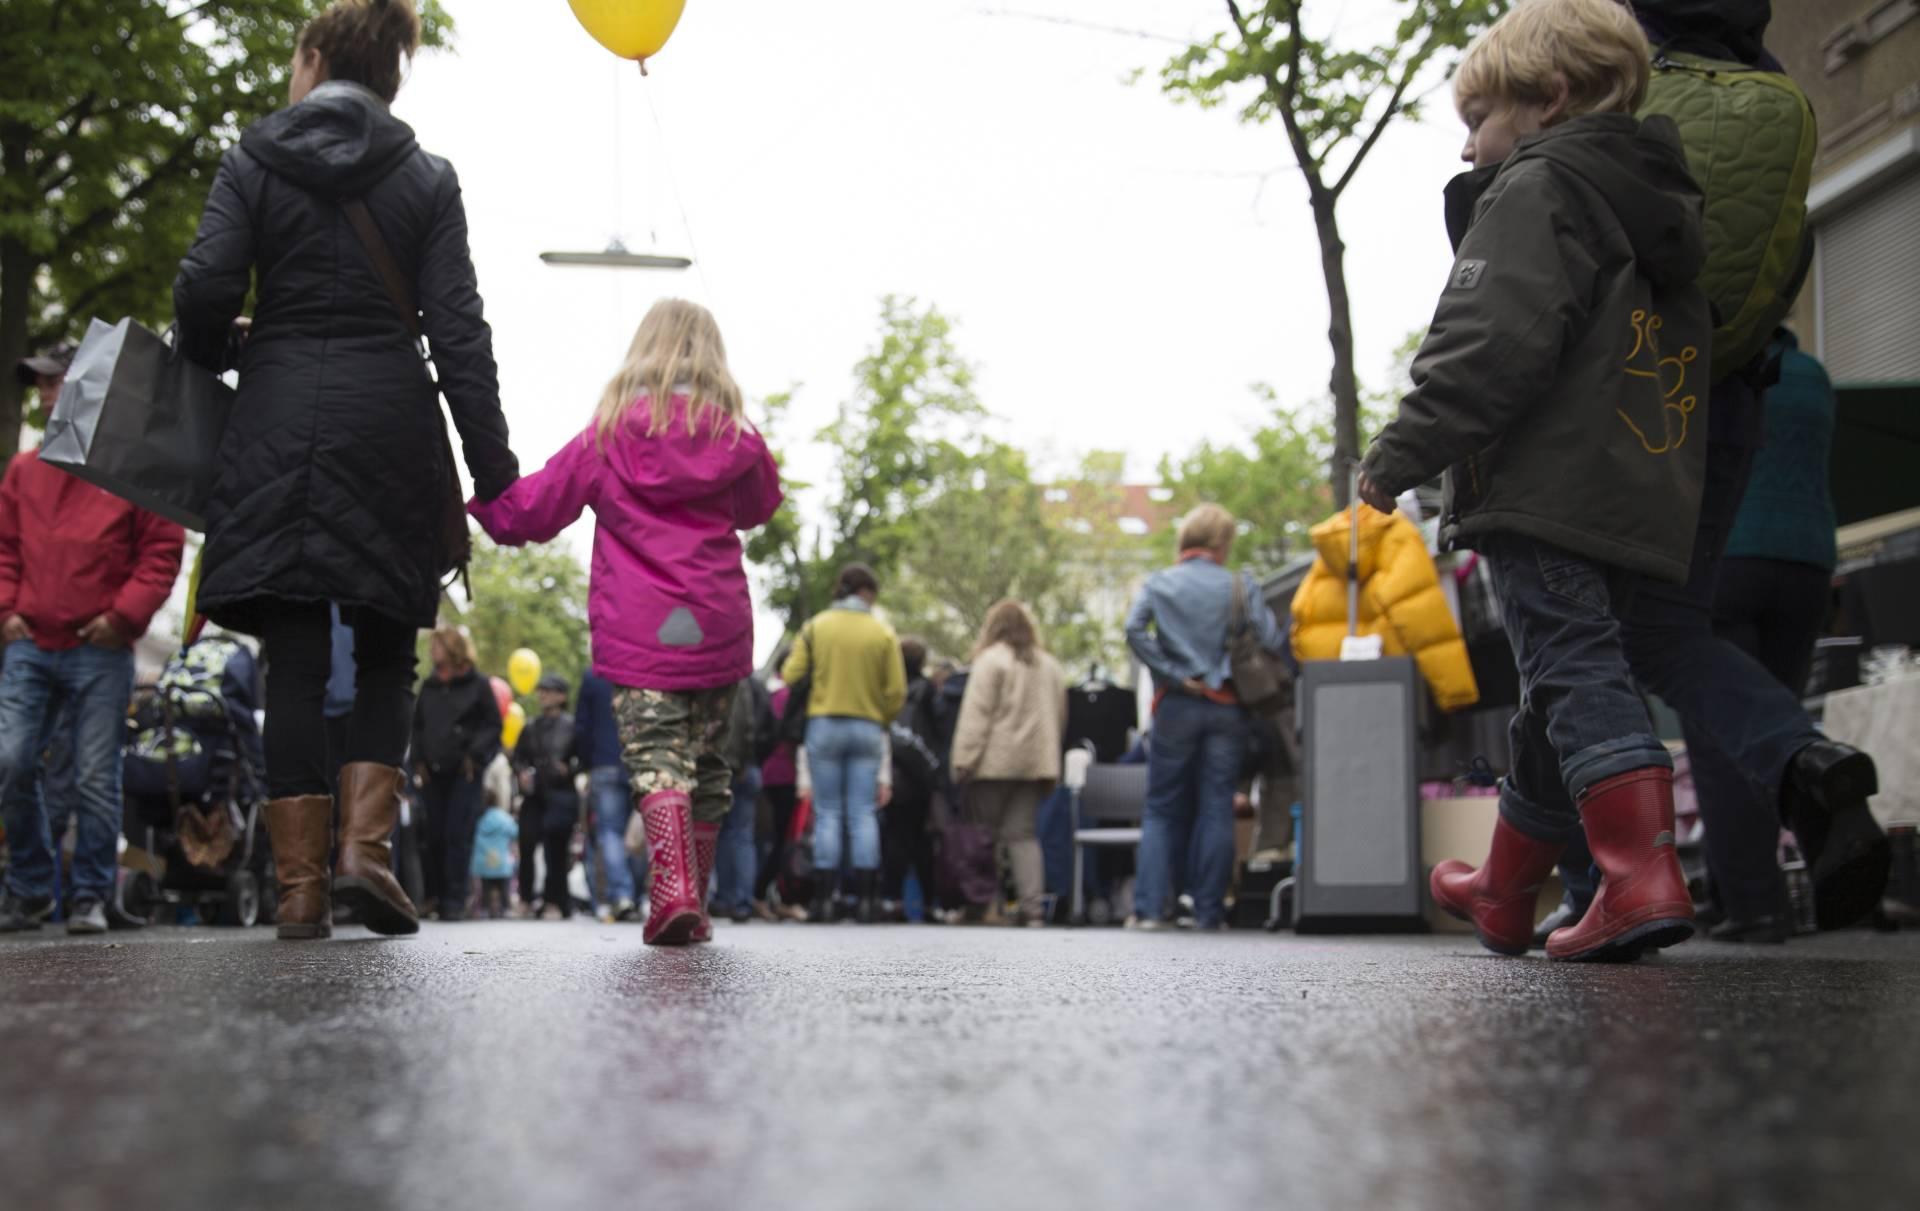 Mutter und Kind gehen Hand in Hand durch den Regen. Kind trägt Gummistiefel und rosa Regenjacke. Foto: Sebastian Philipp